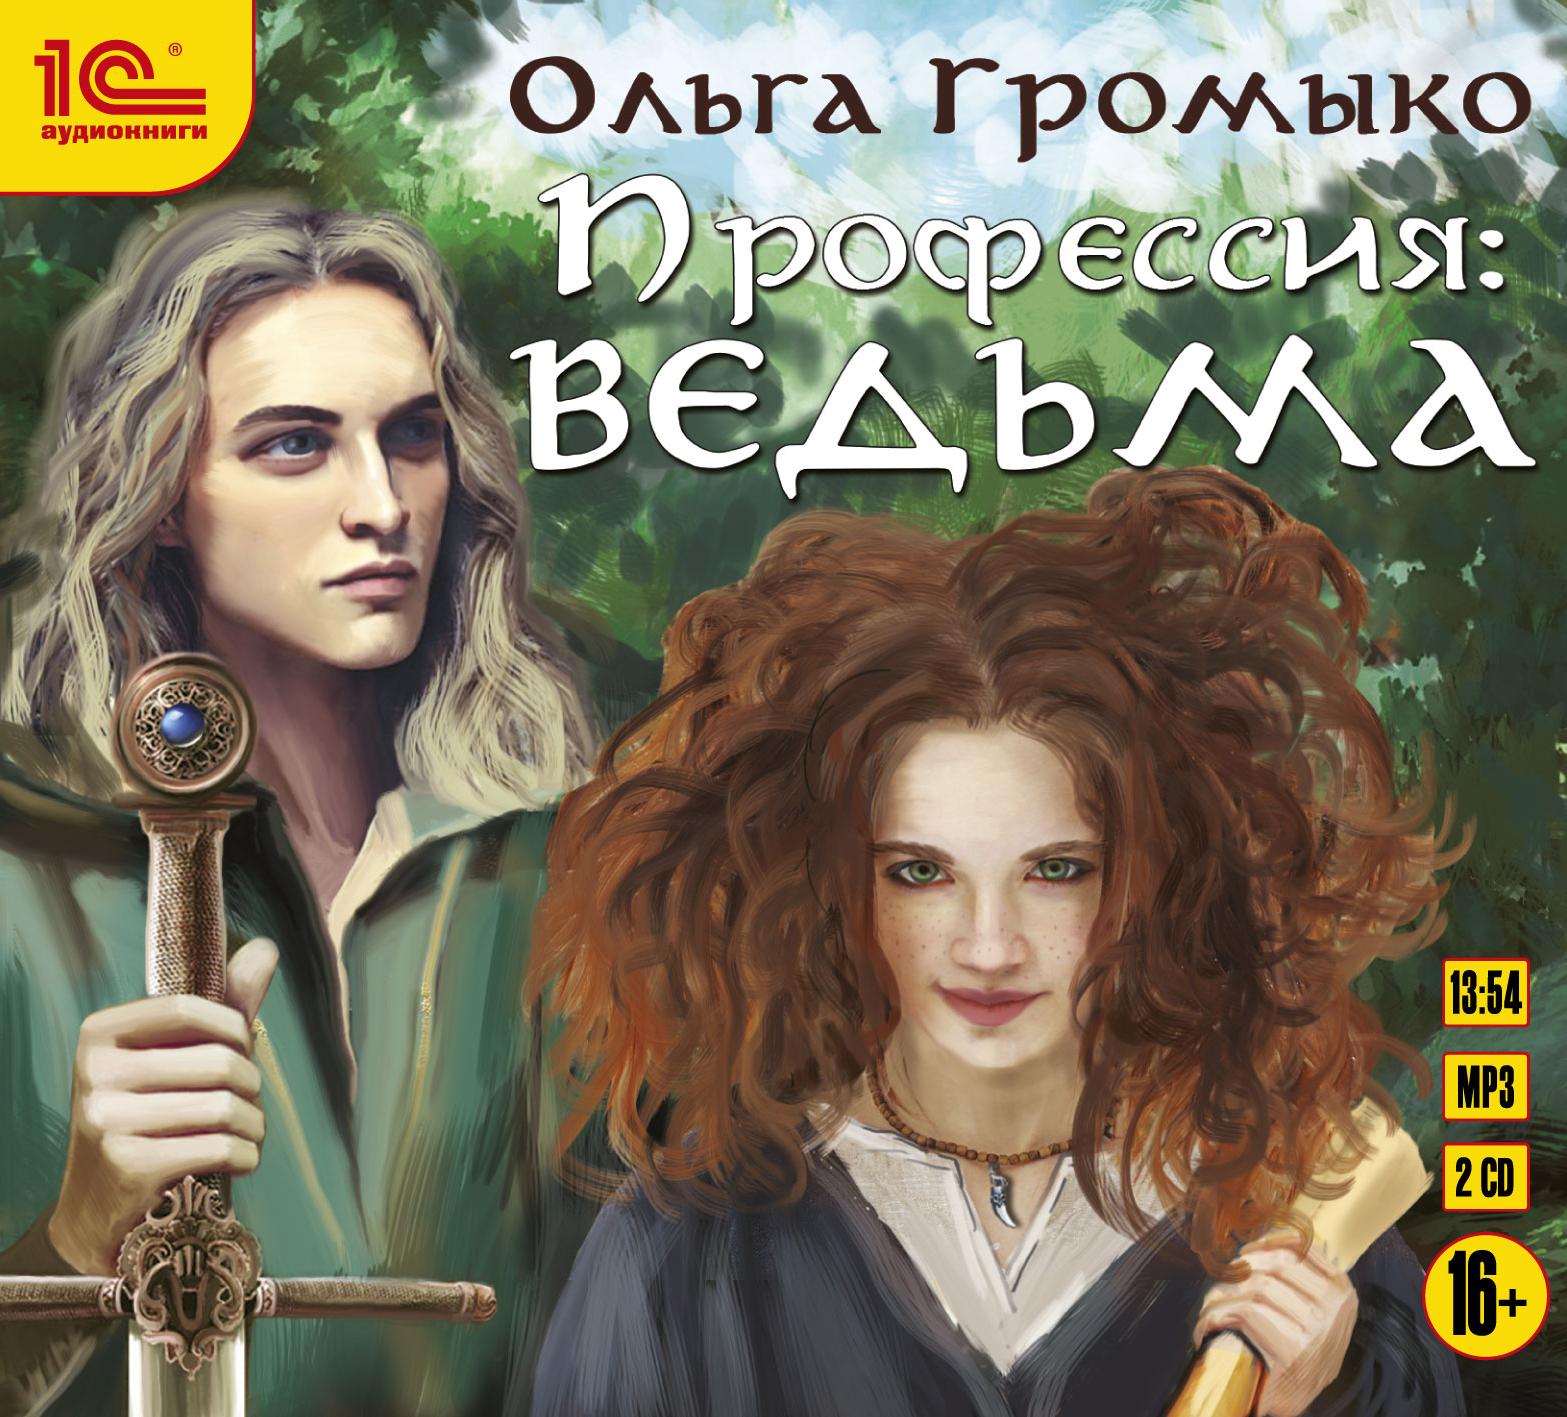 Ольга Громыко Профессия: ведьма ольга громыко космопсихолухи том 1